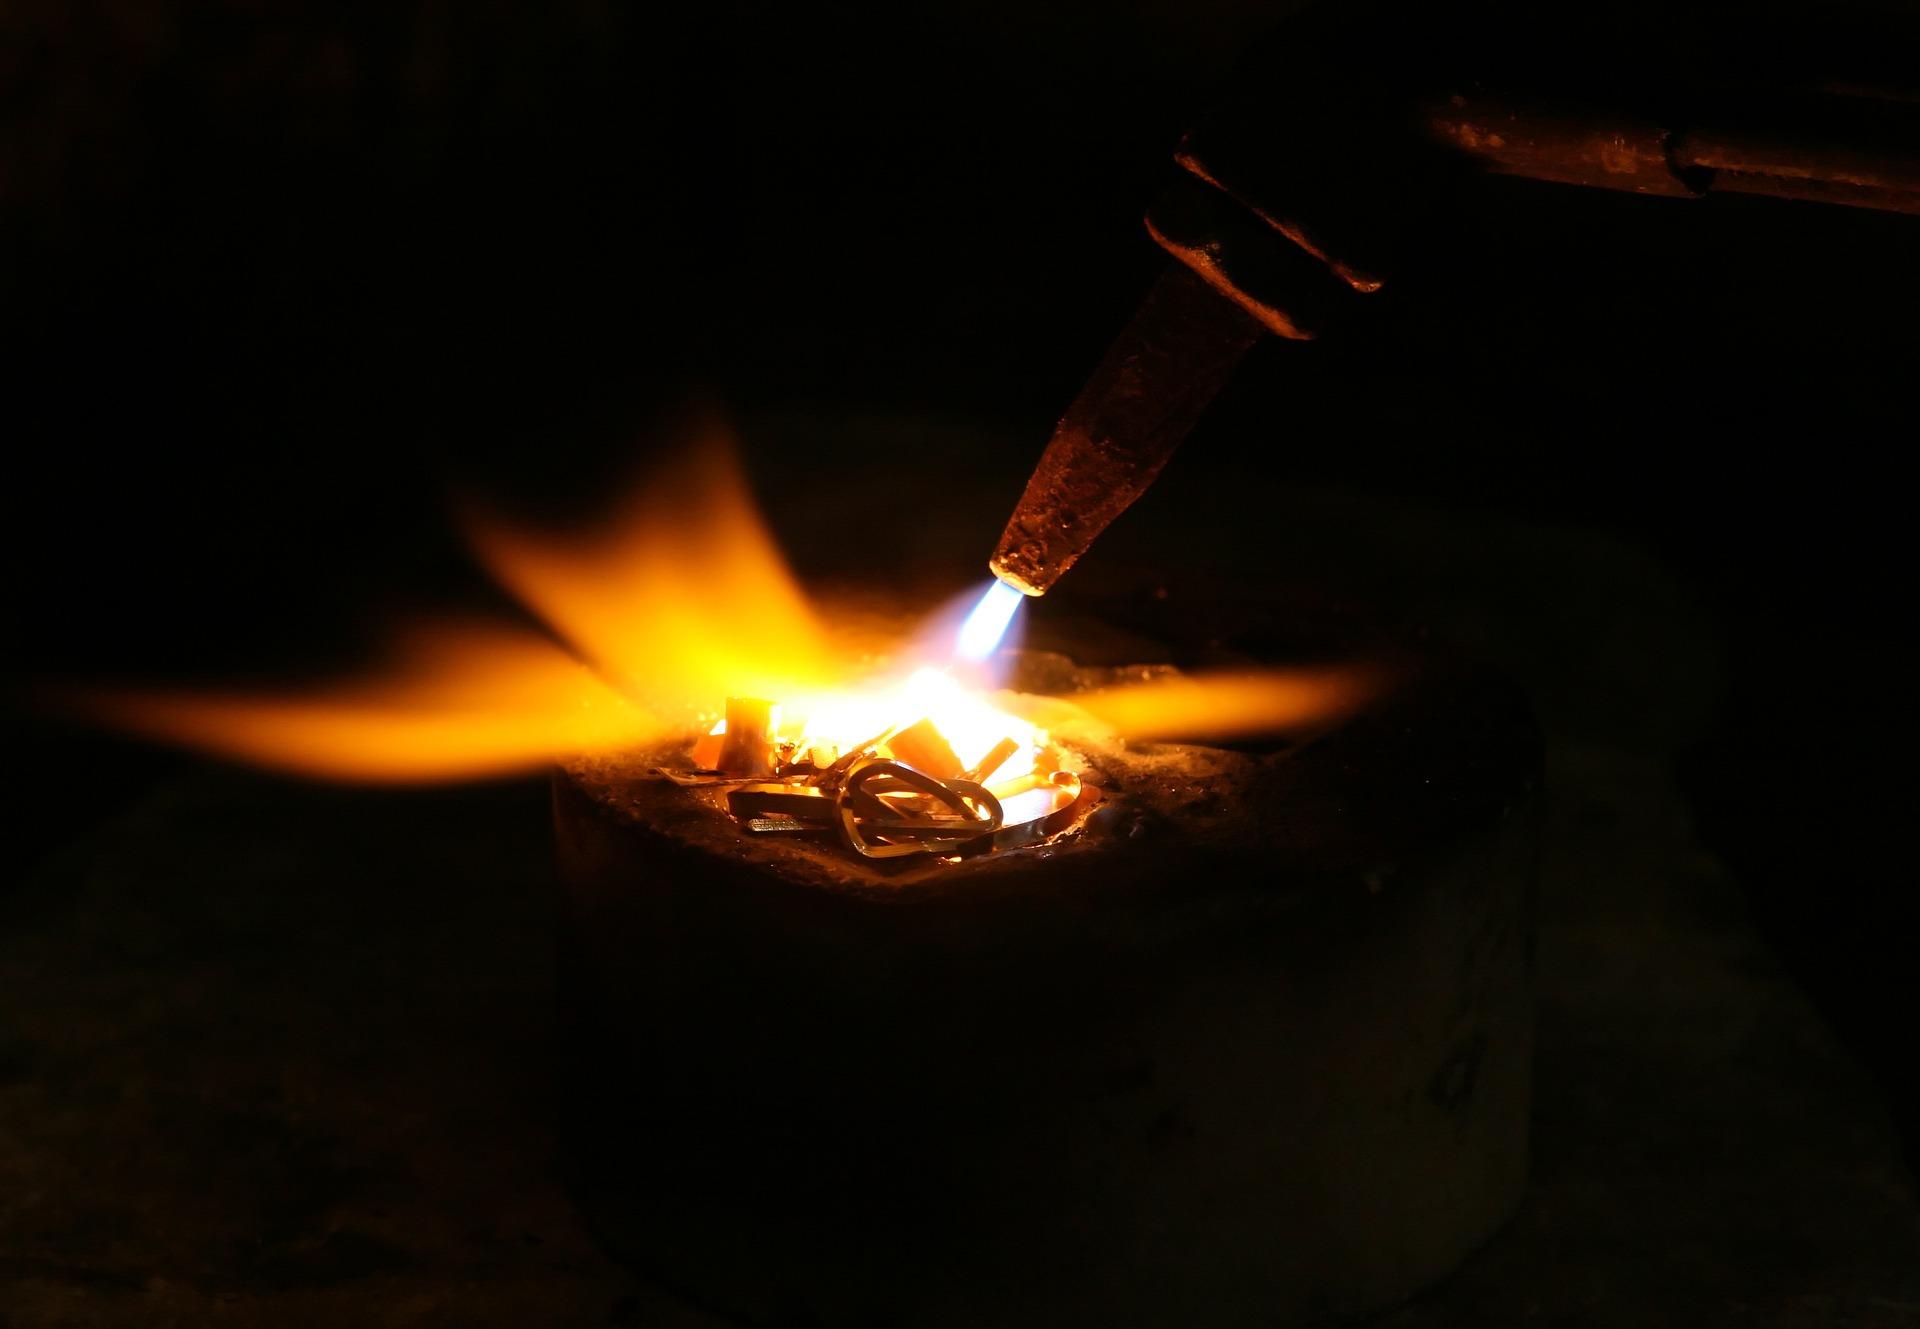 Imagem mostra a chama saindo do bico de um maçarico para uma solda.